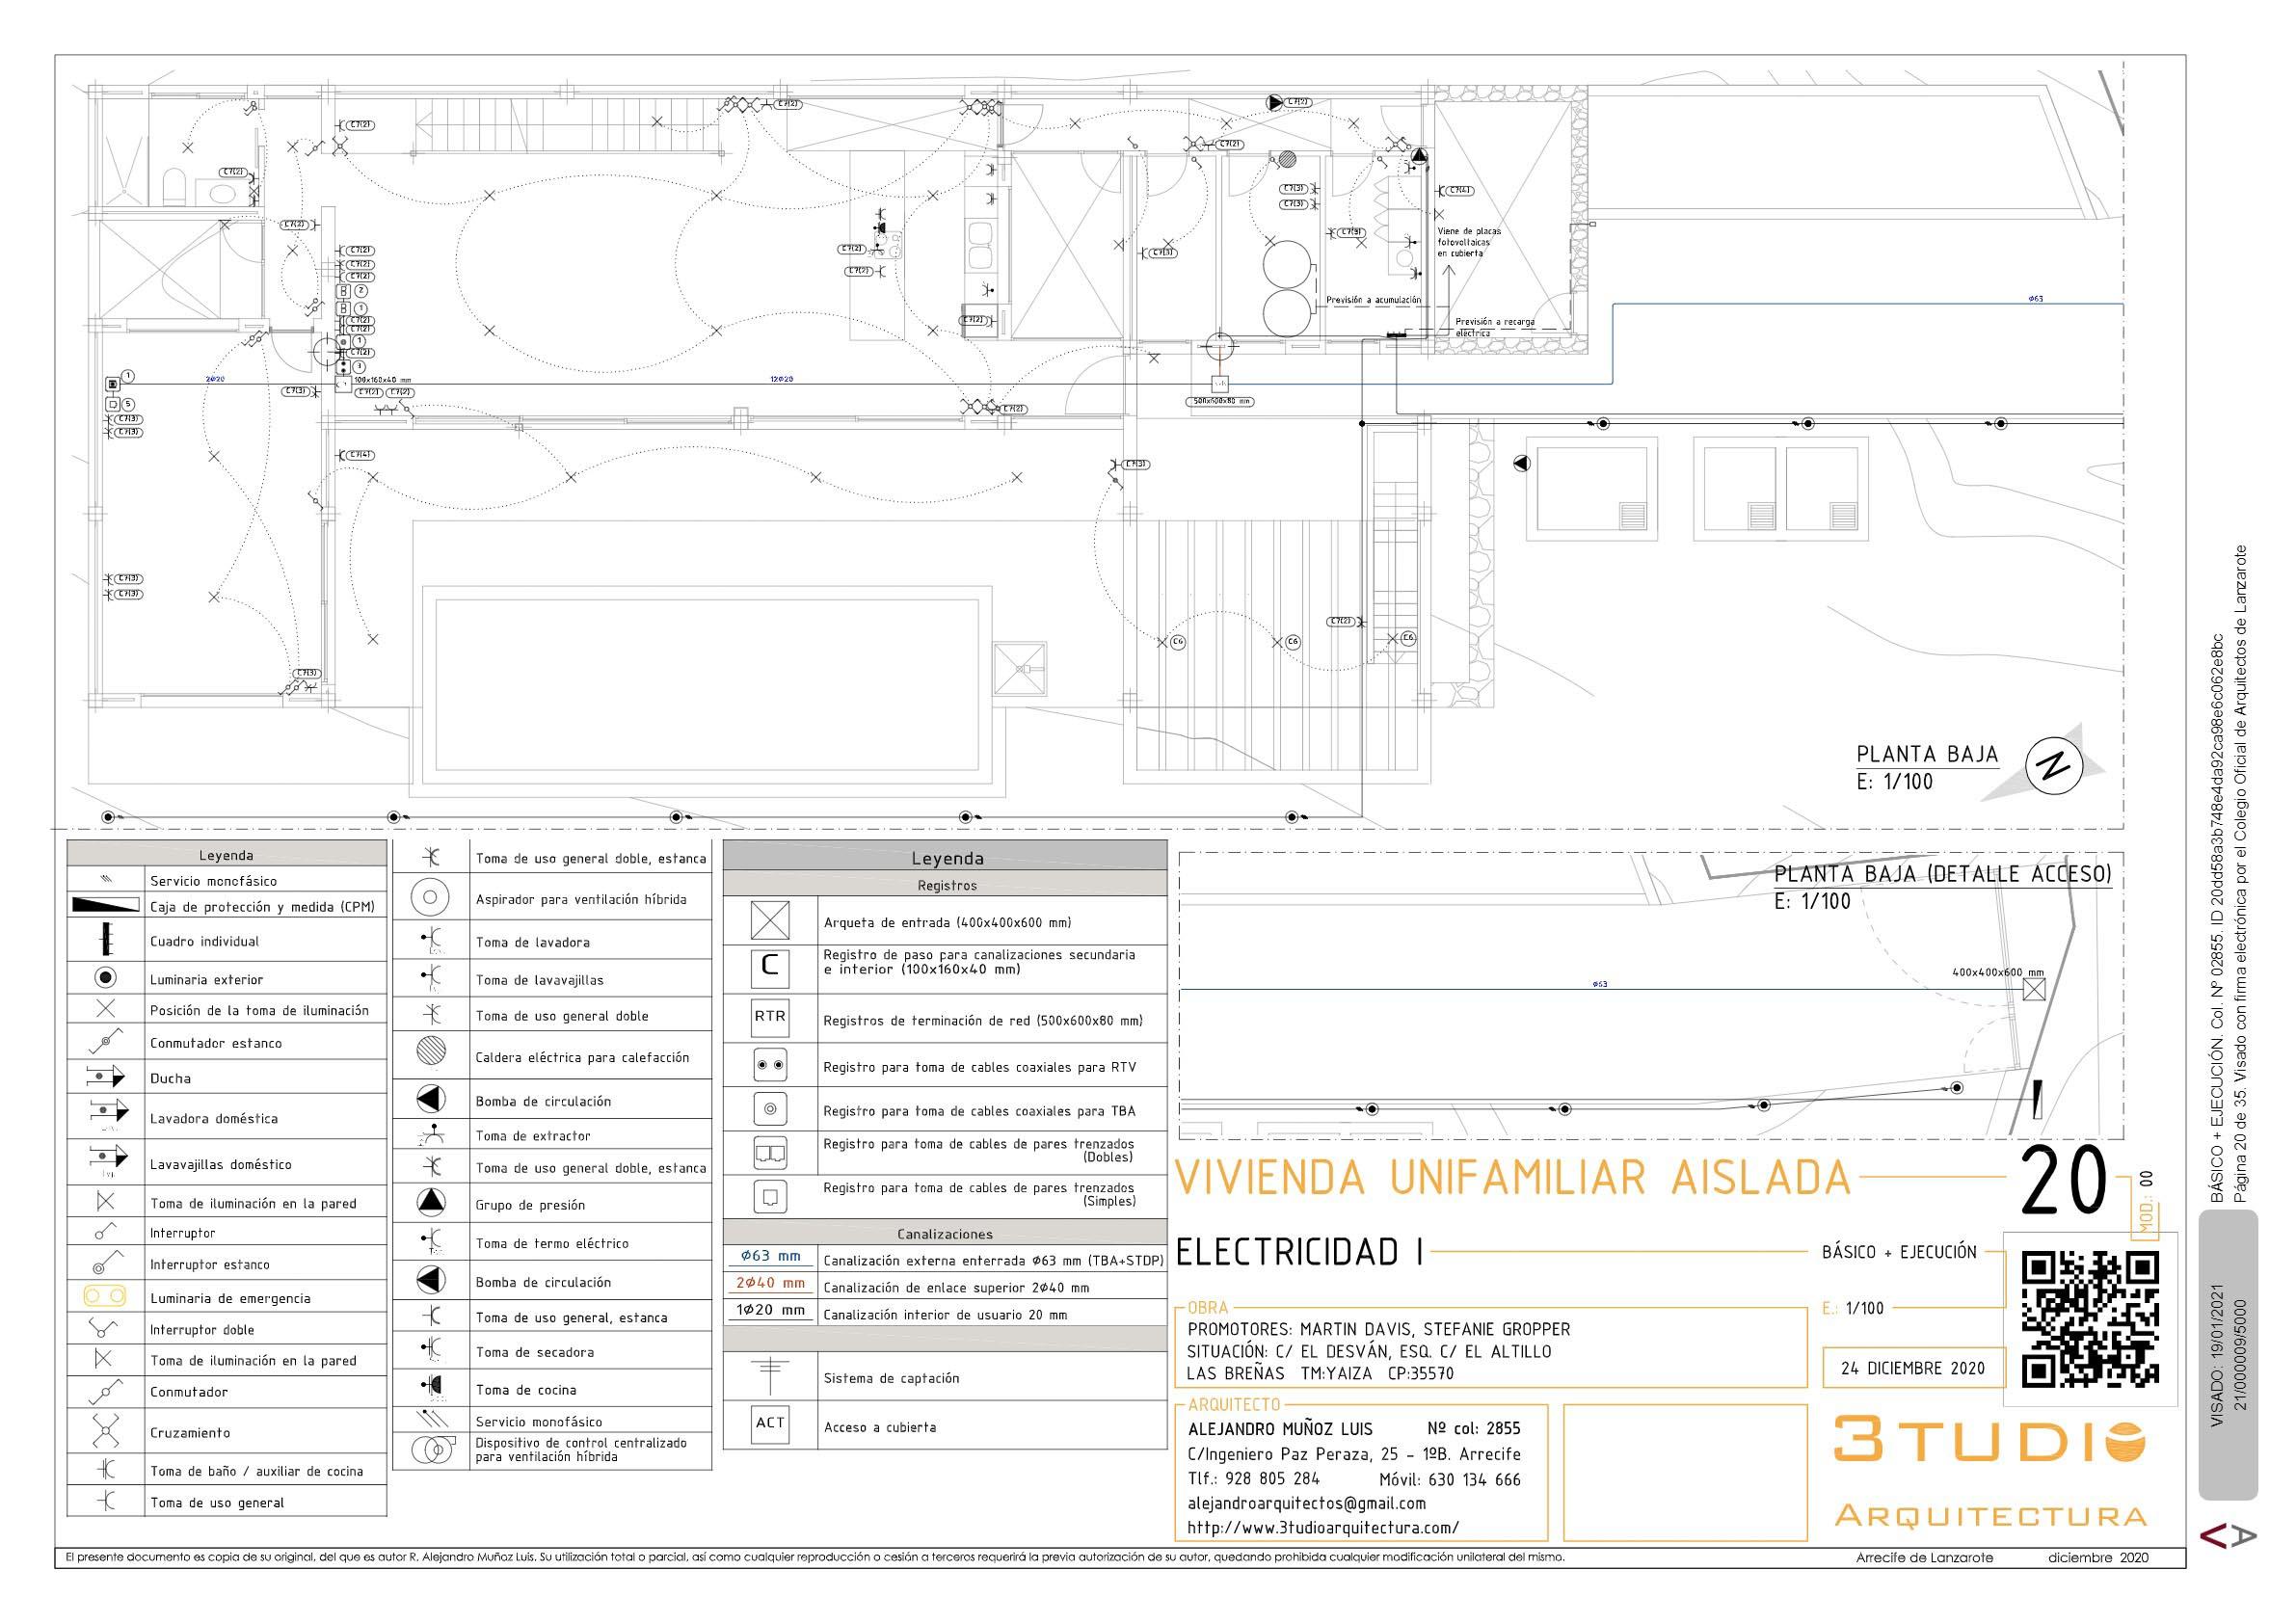 Plans AM 2101 20